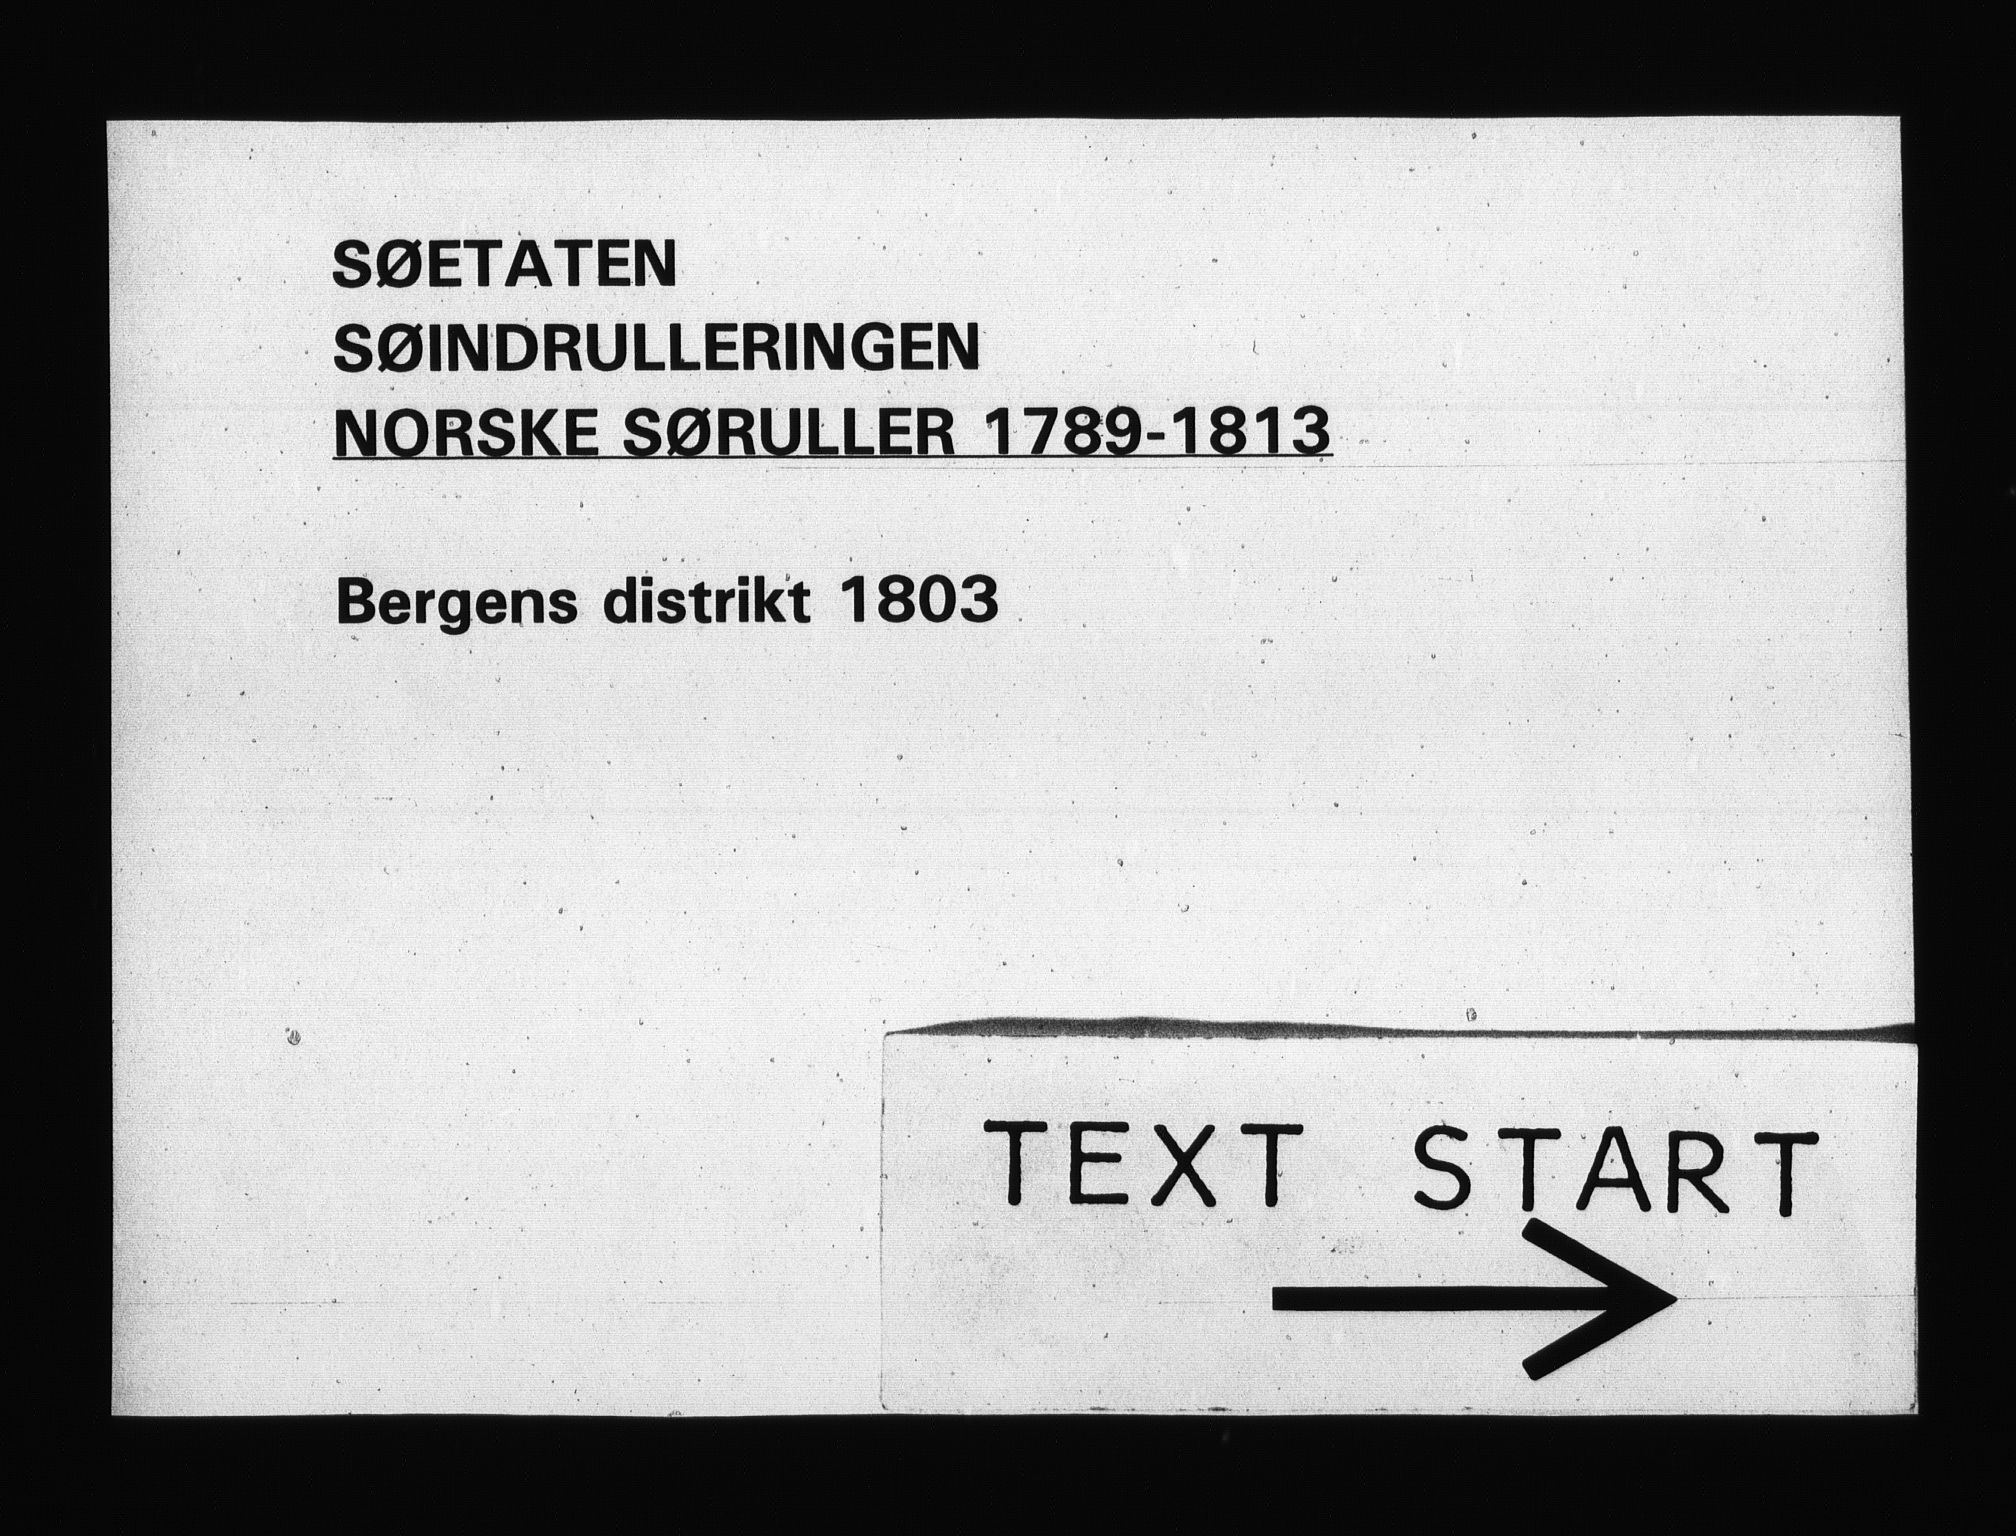 RA, Sjøetaten, F/L0243: Bergen distrikt, bind 1, 1803